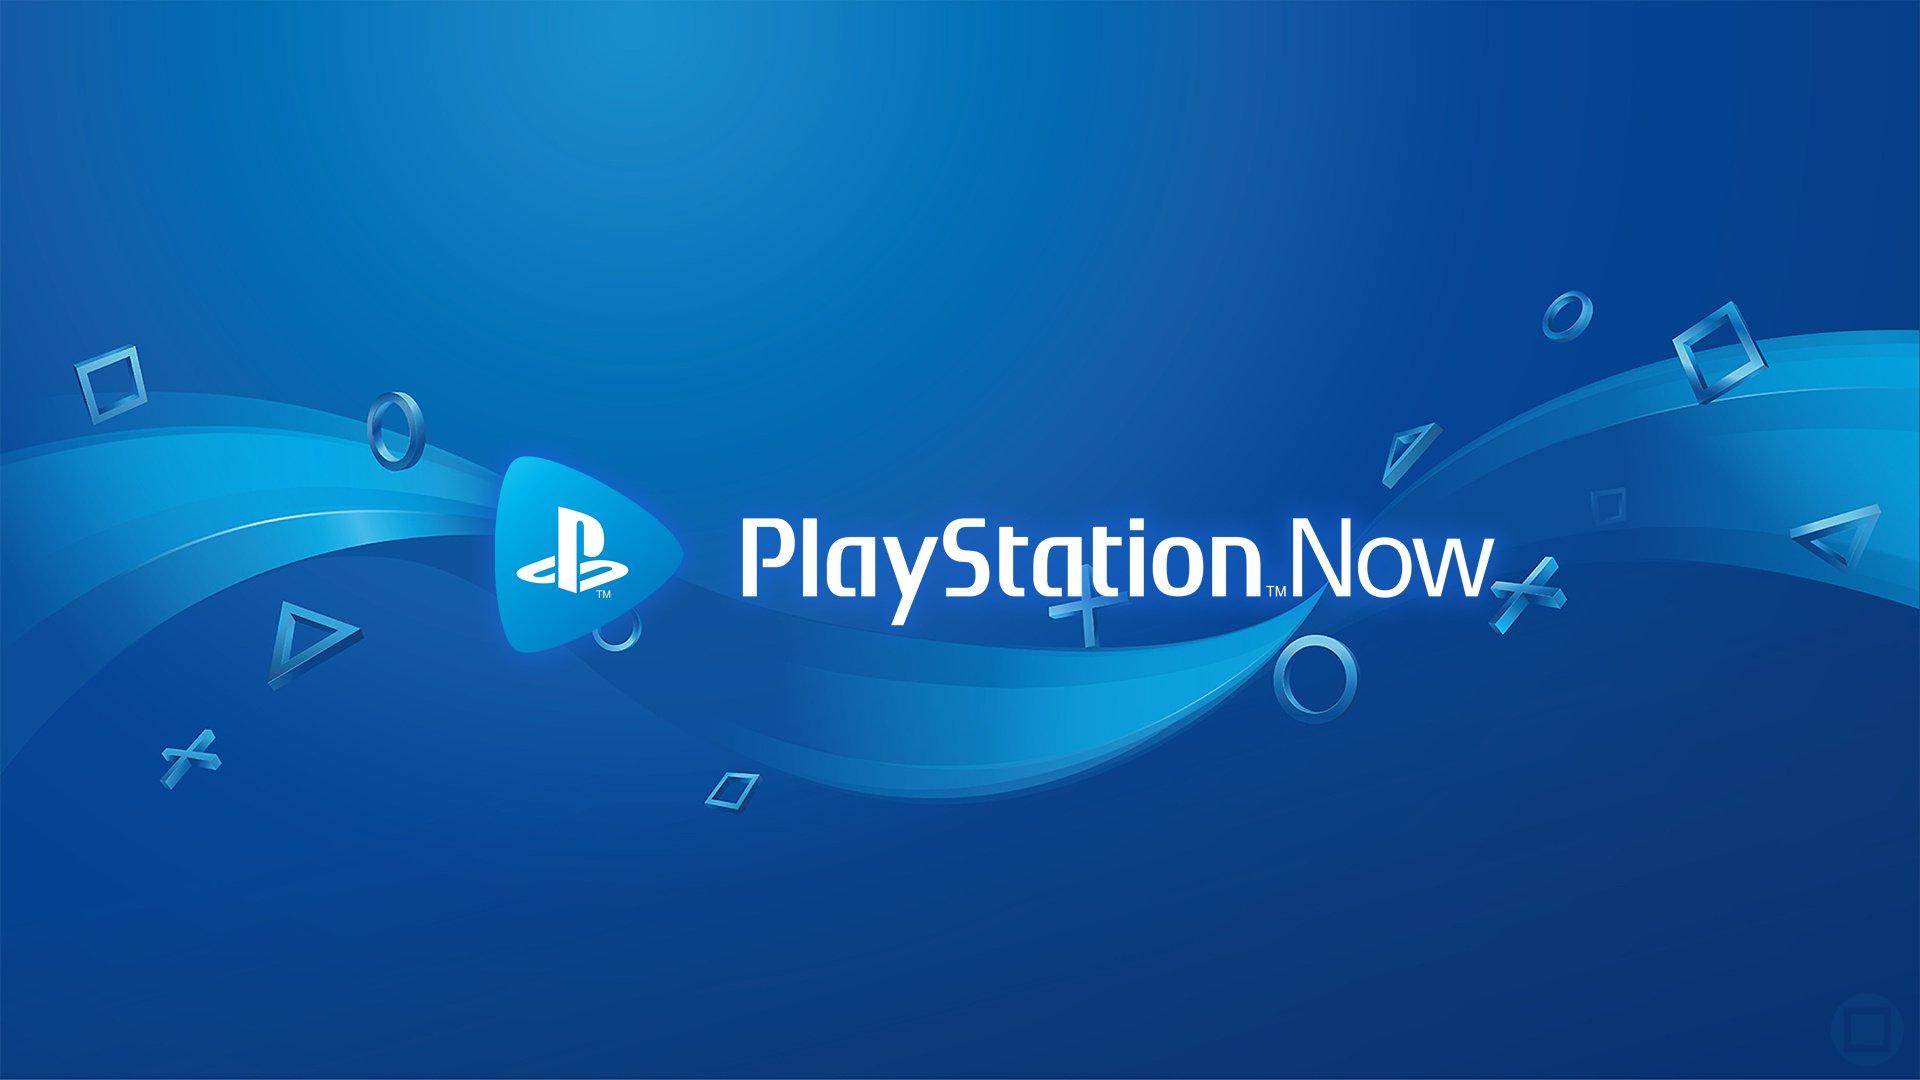 PlayStation Now'ın Abone Sayısı İki Katına Çıktı